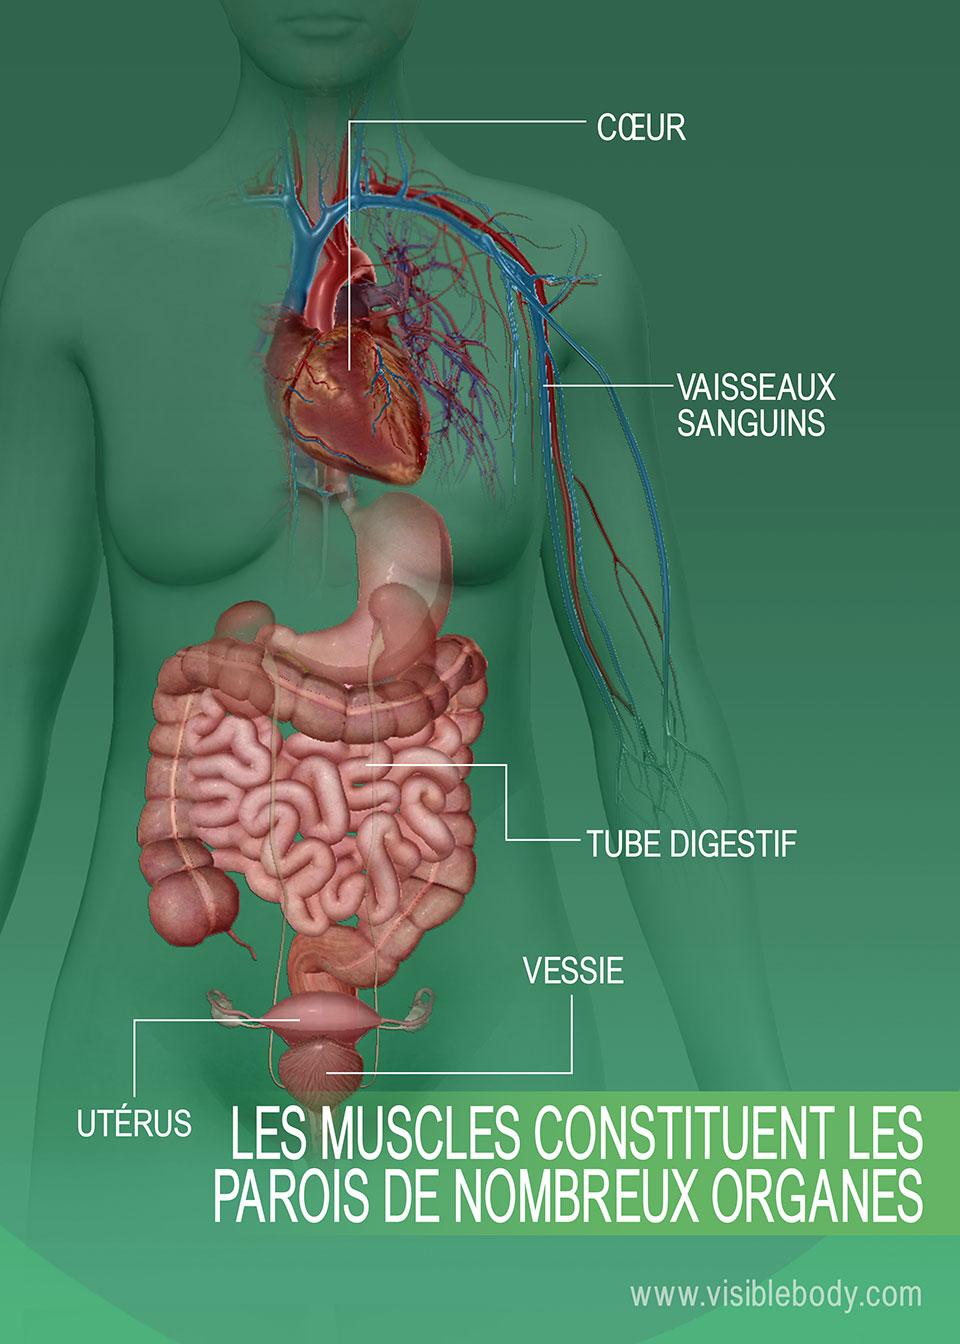 6C-Les-muscles-constituent-les-parois-de-nombreux-organes